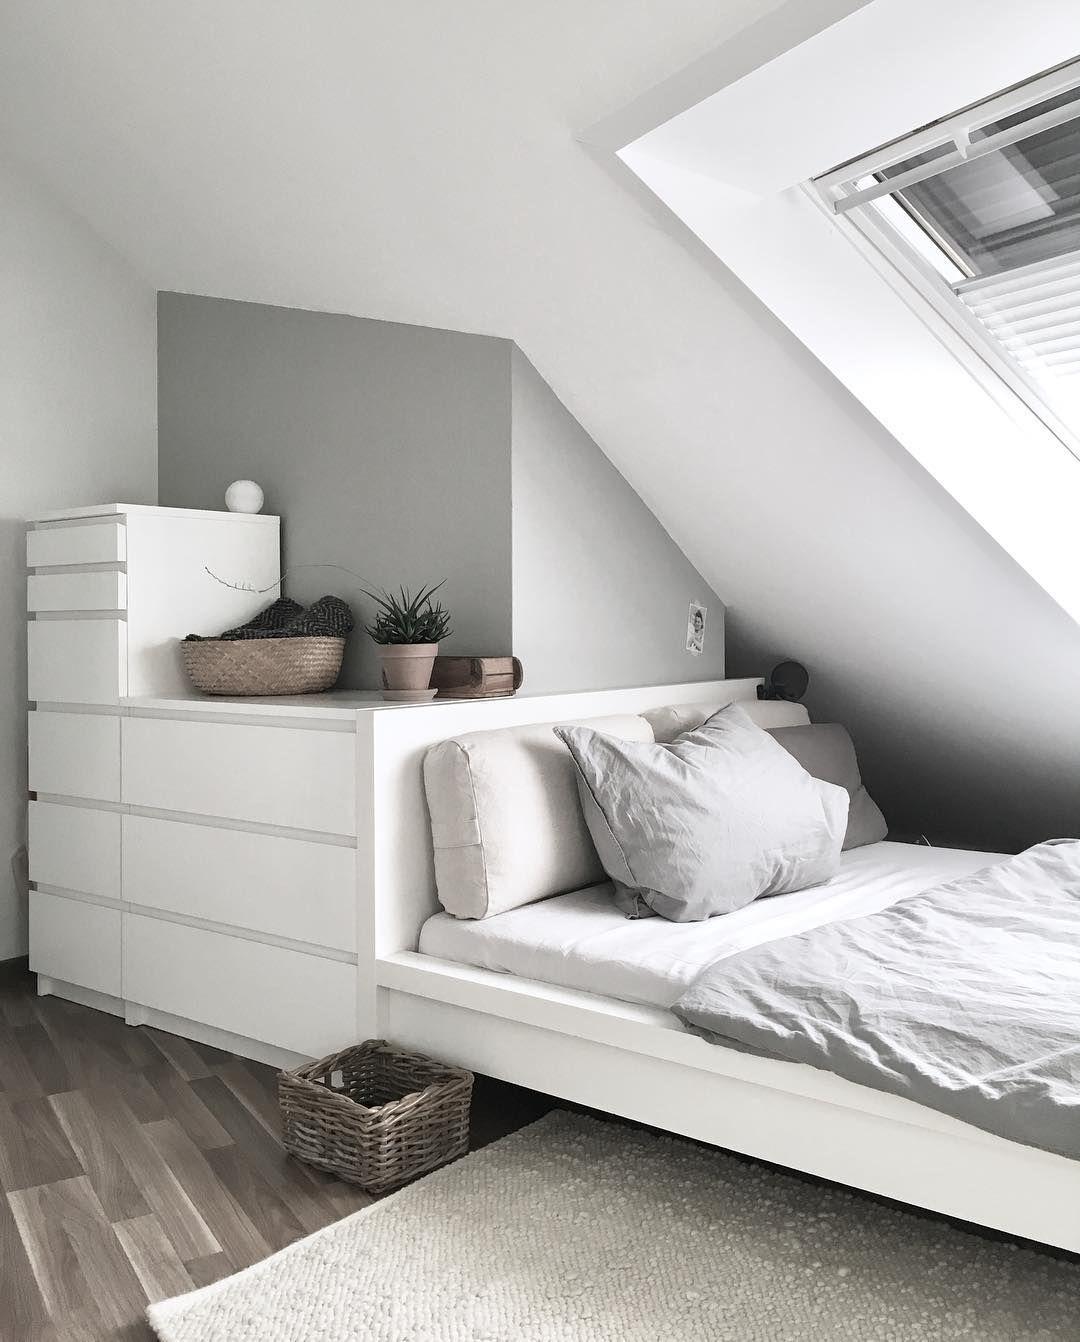 , Checkliste: DAS brauchst du wirklich für deine erste Wohnung, Family Blog 2020, Family Blog 2020